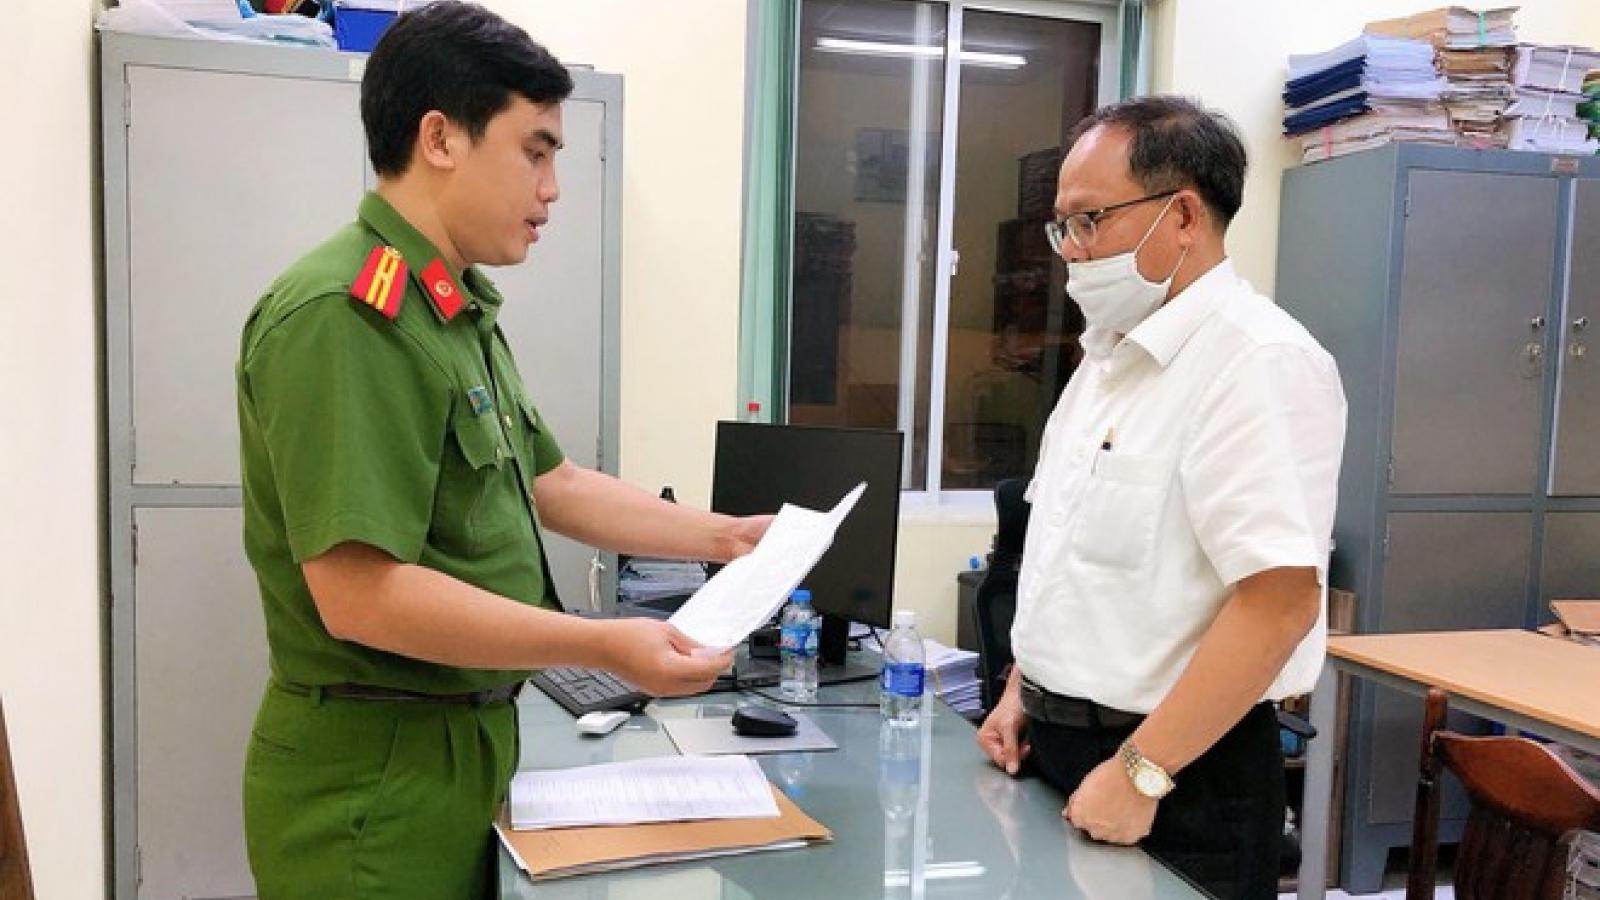 Nóng 24h: Hành vi của ông Tất Thành Cang đủ cấu thành tội danh để truy tố